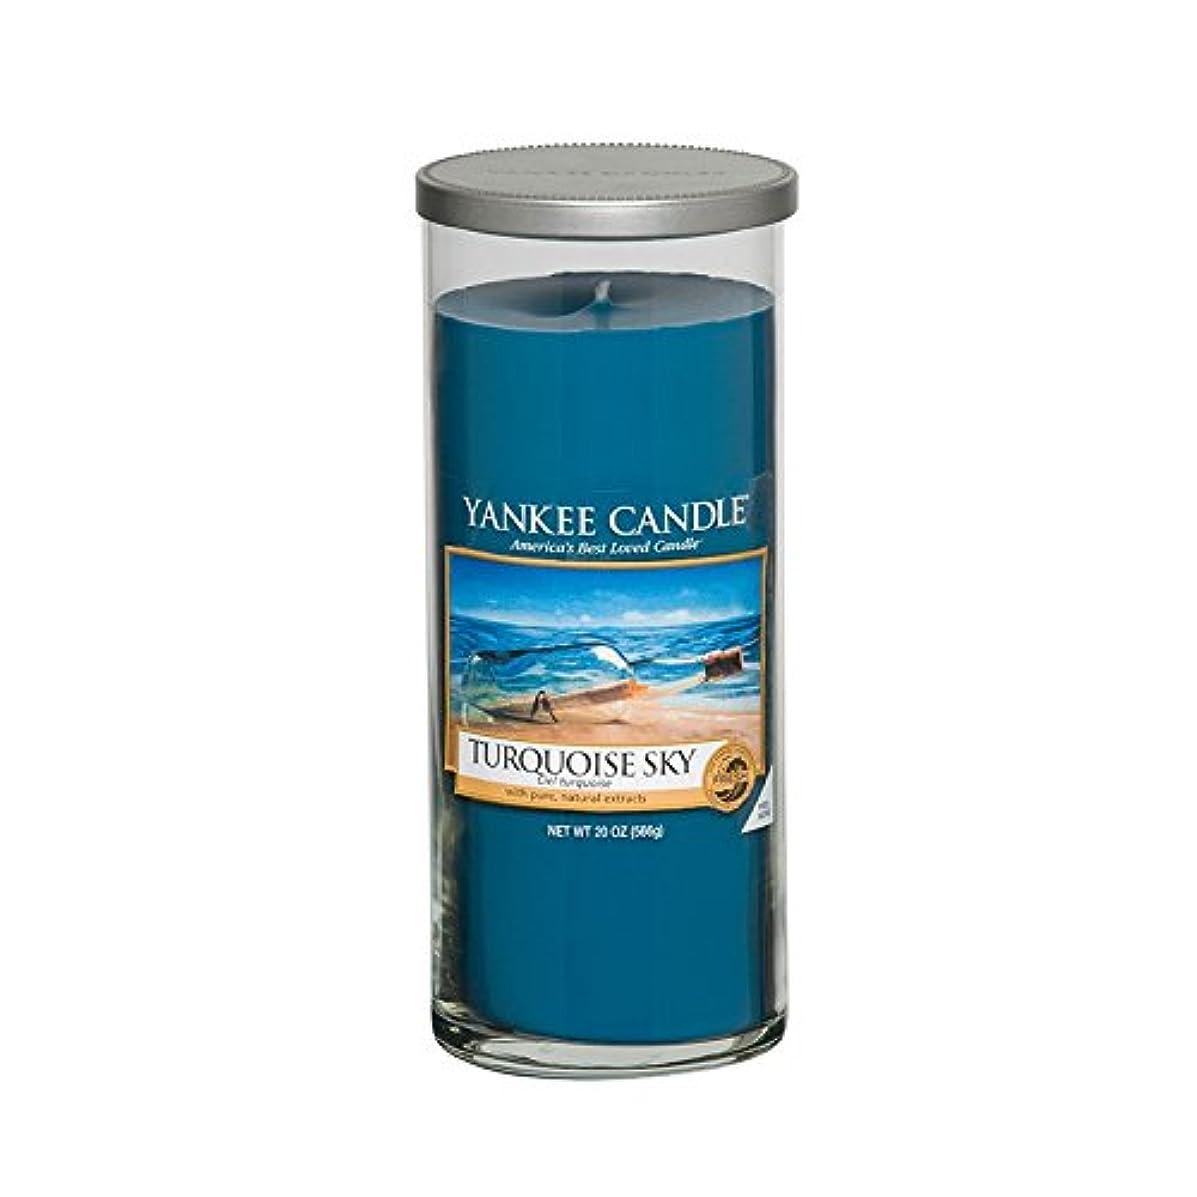 本当のことを言うと飲食店フローヤンキーキャンドル大きな柱キャンドル - ターコイズの空 - Yankee Candles Large Pillar Candle - Turquoise Sky (Yankee Candles) [並行輸入品]